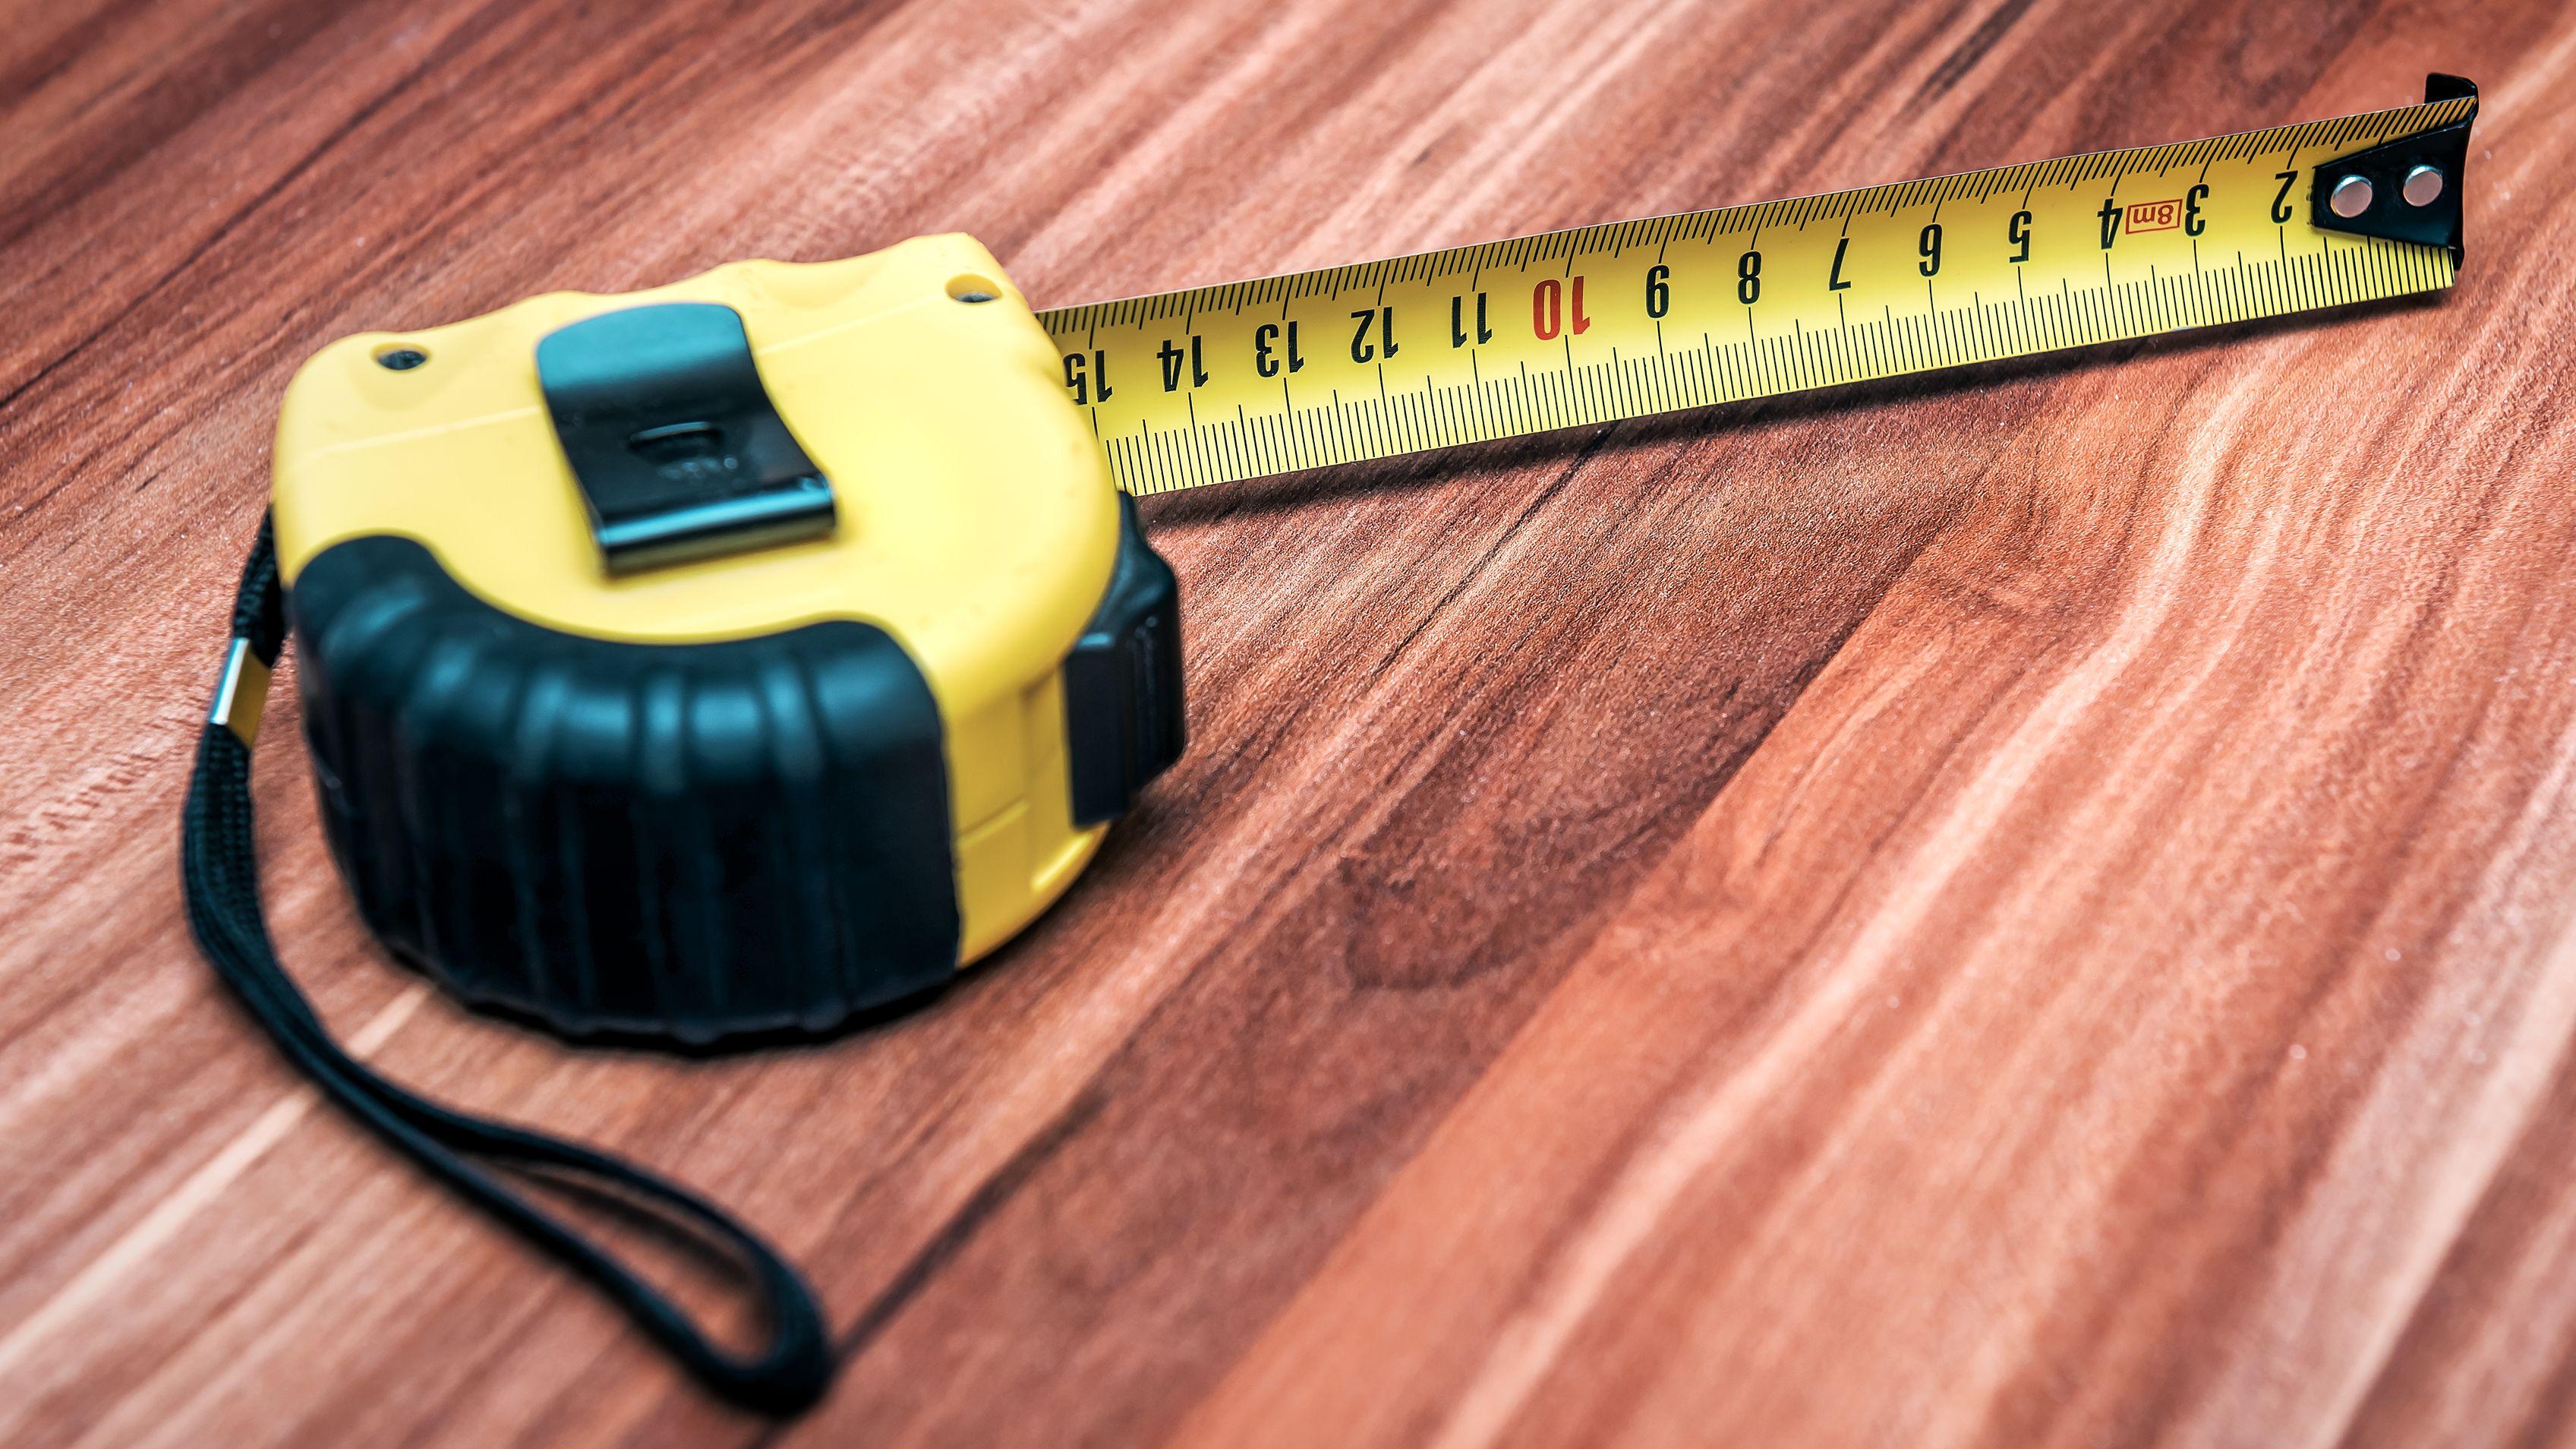 Comment choisir son mètre déroulant